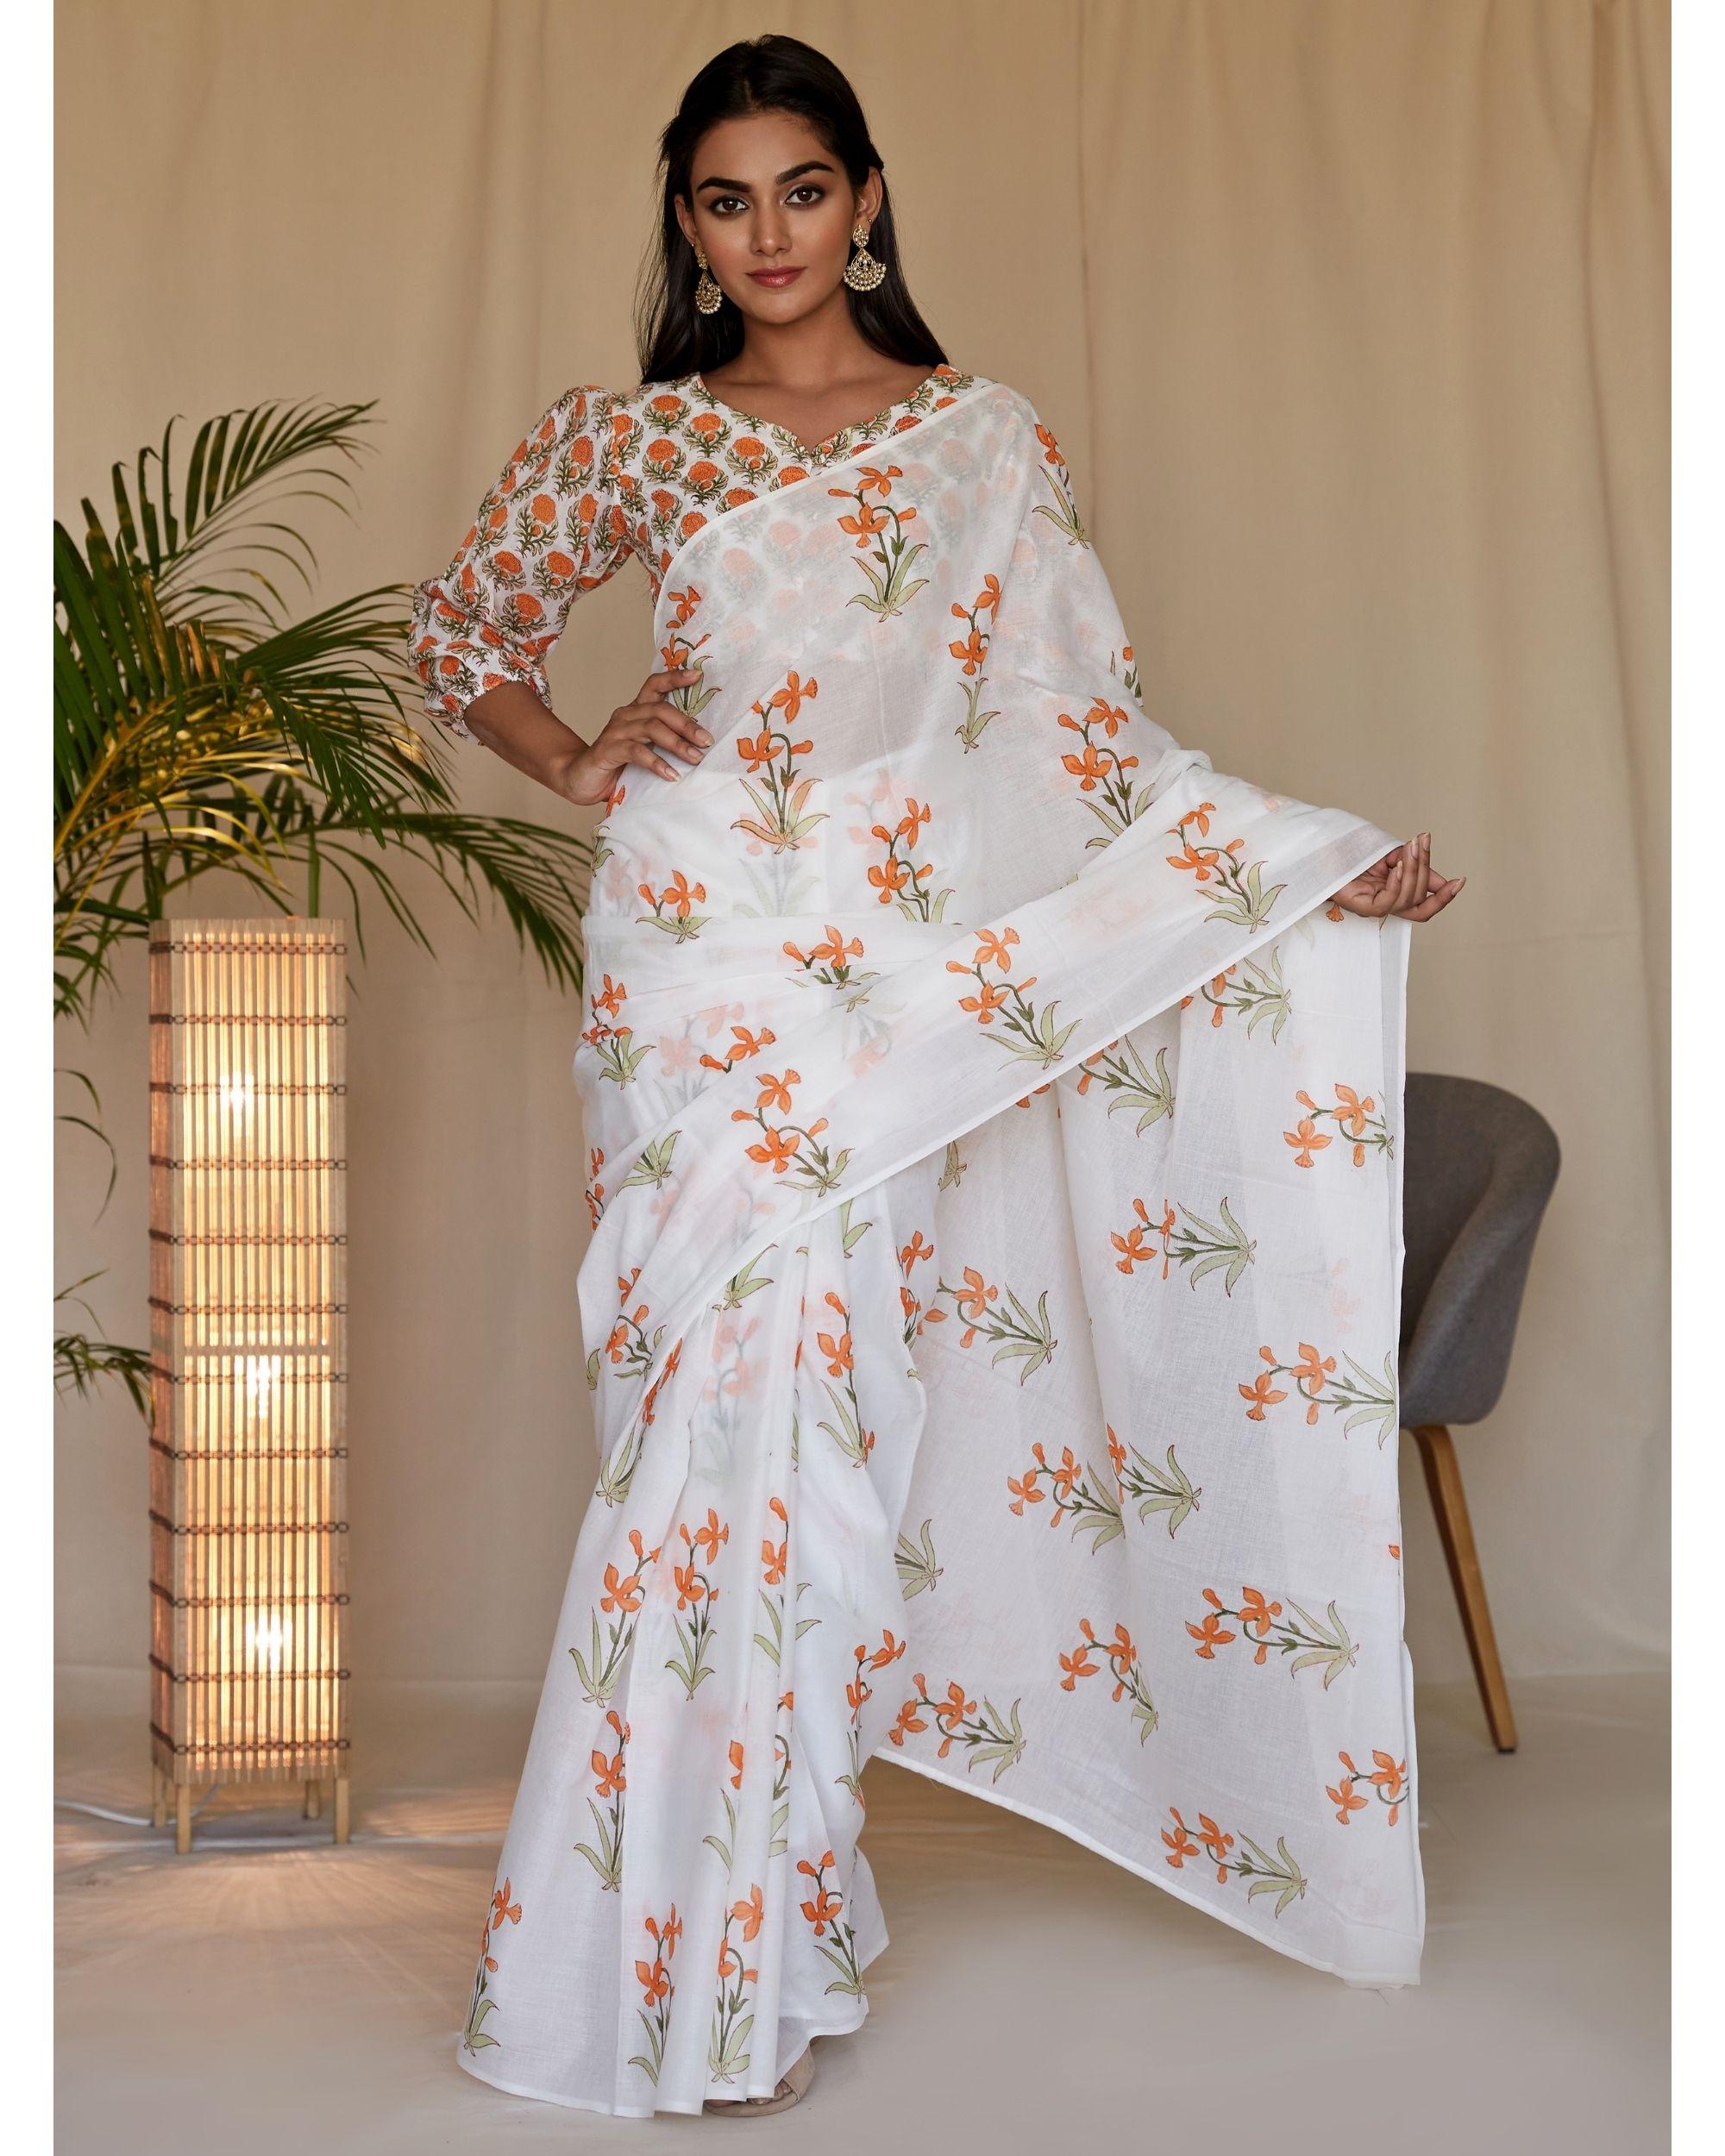 Tangerine lily block printed sari